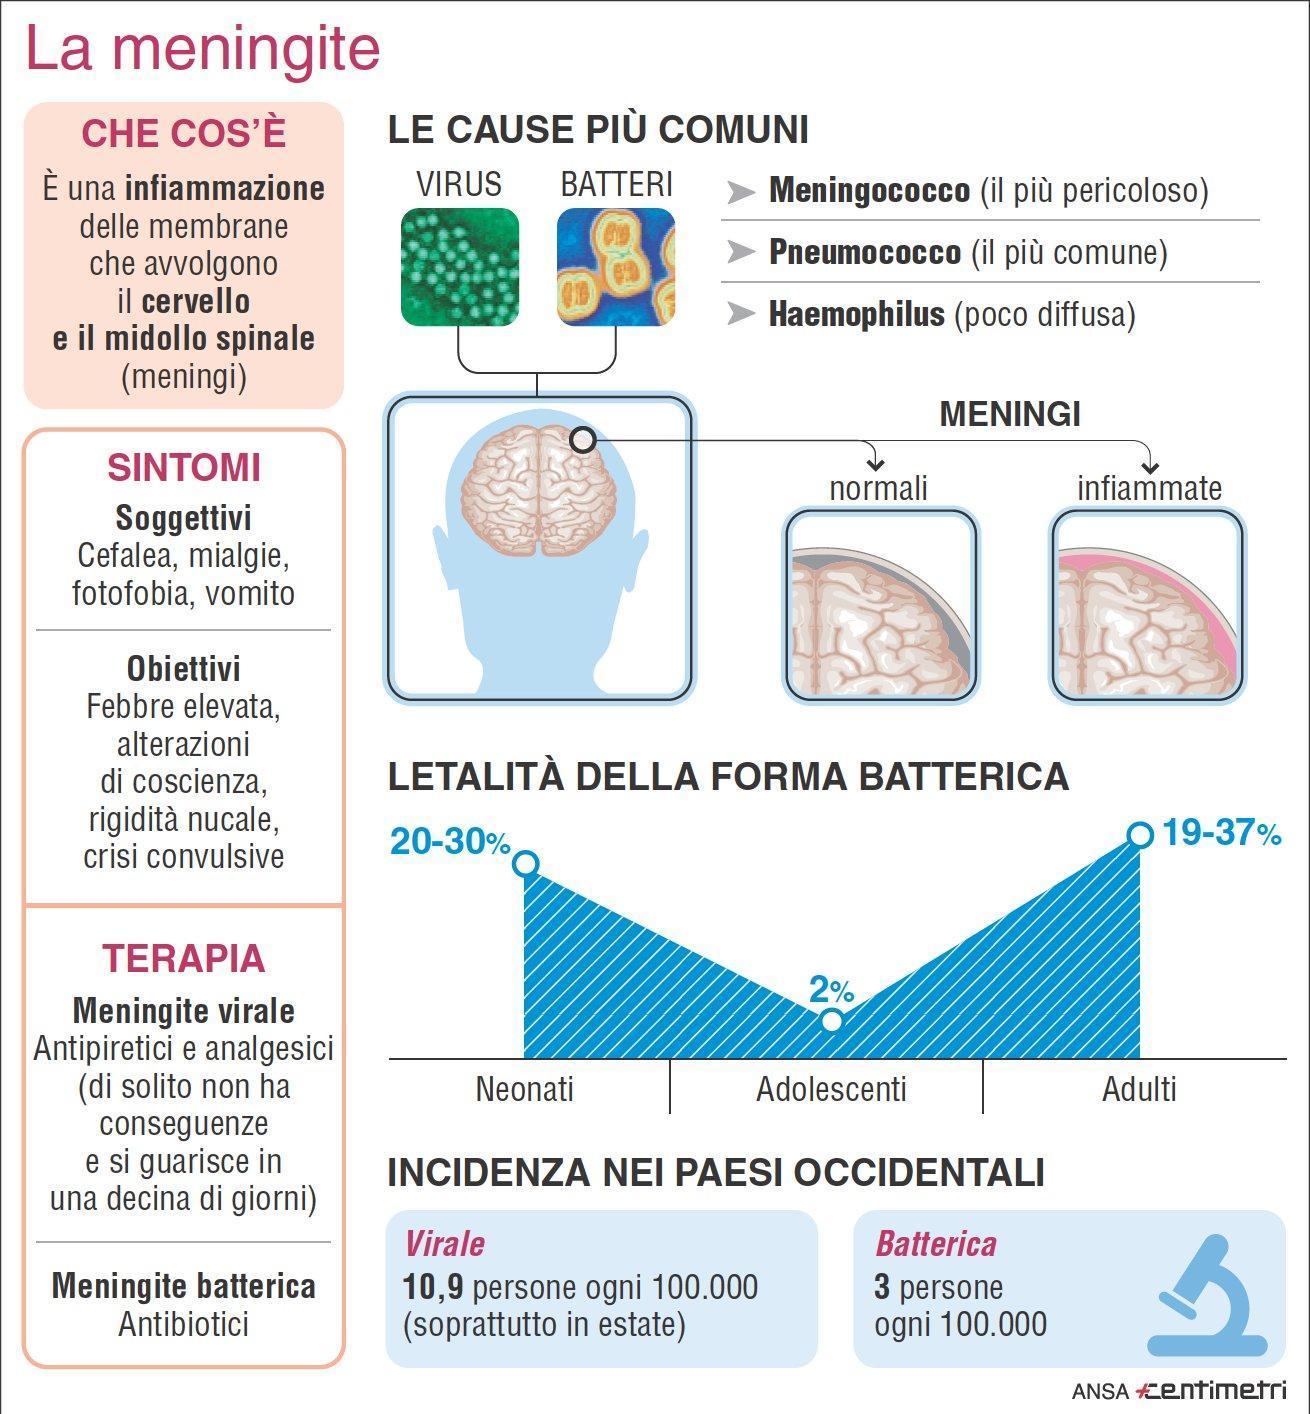 'Let's talk meningite' a Napoli contro la disinformazione